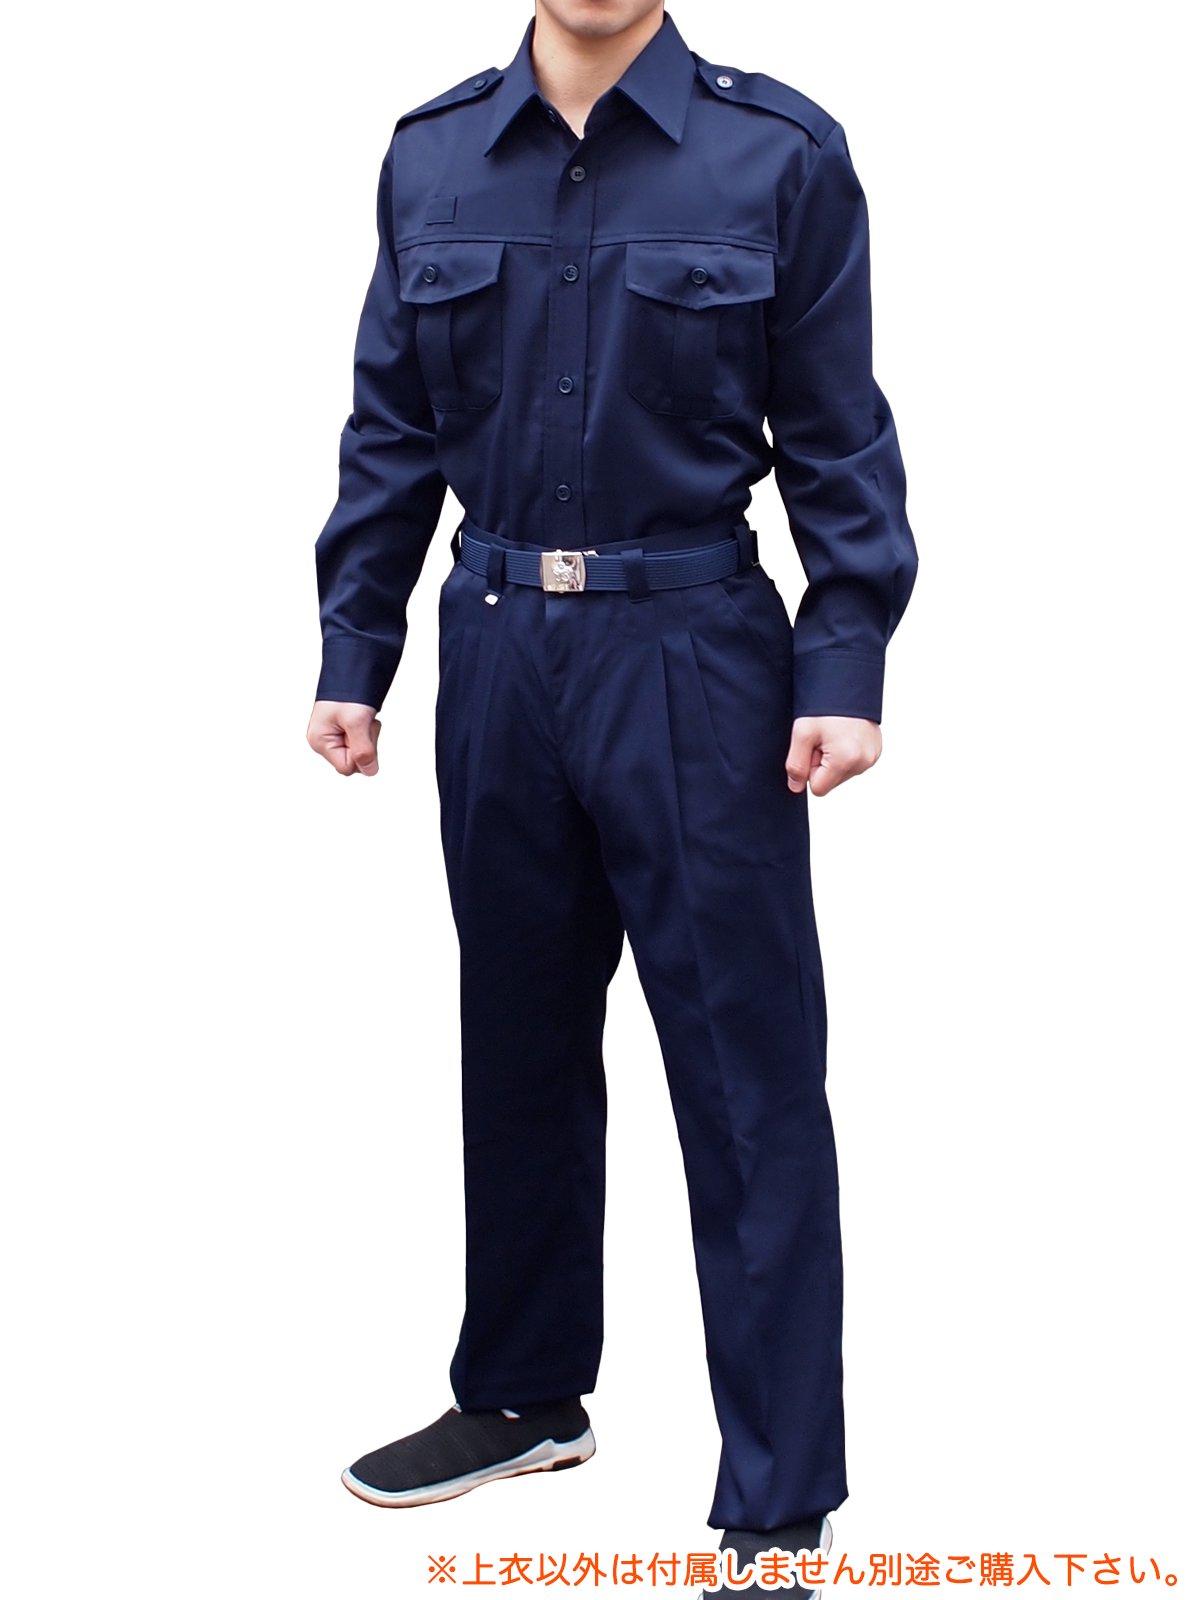 消防作業服カッター上衣【画像3】